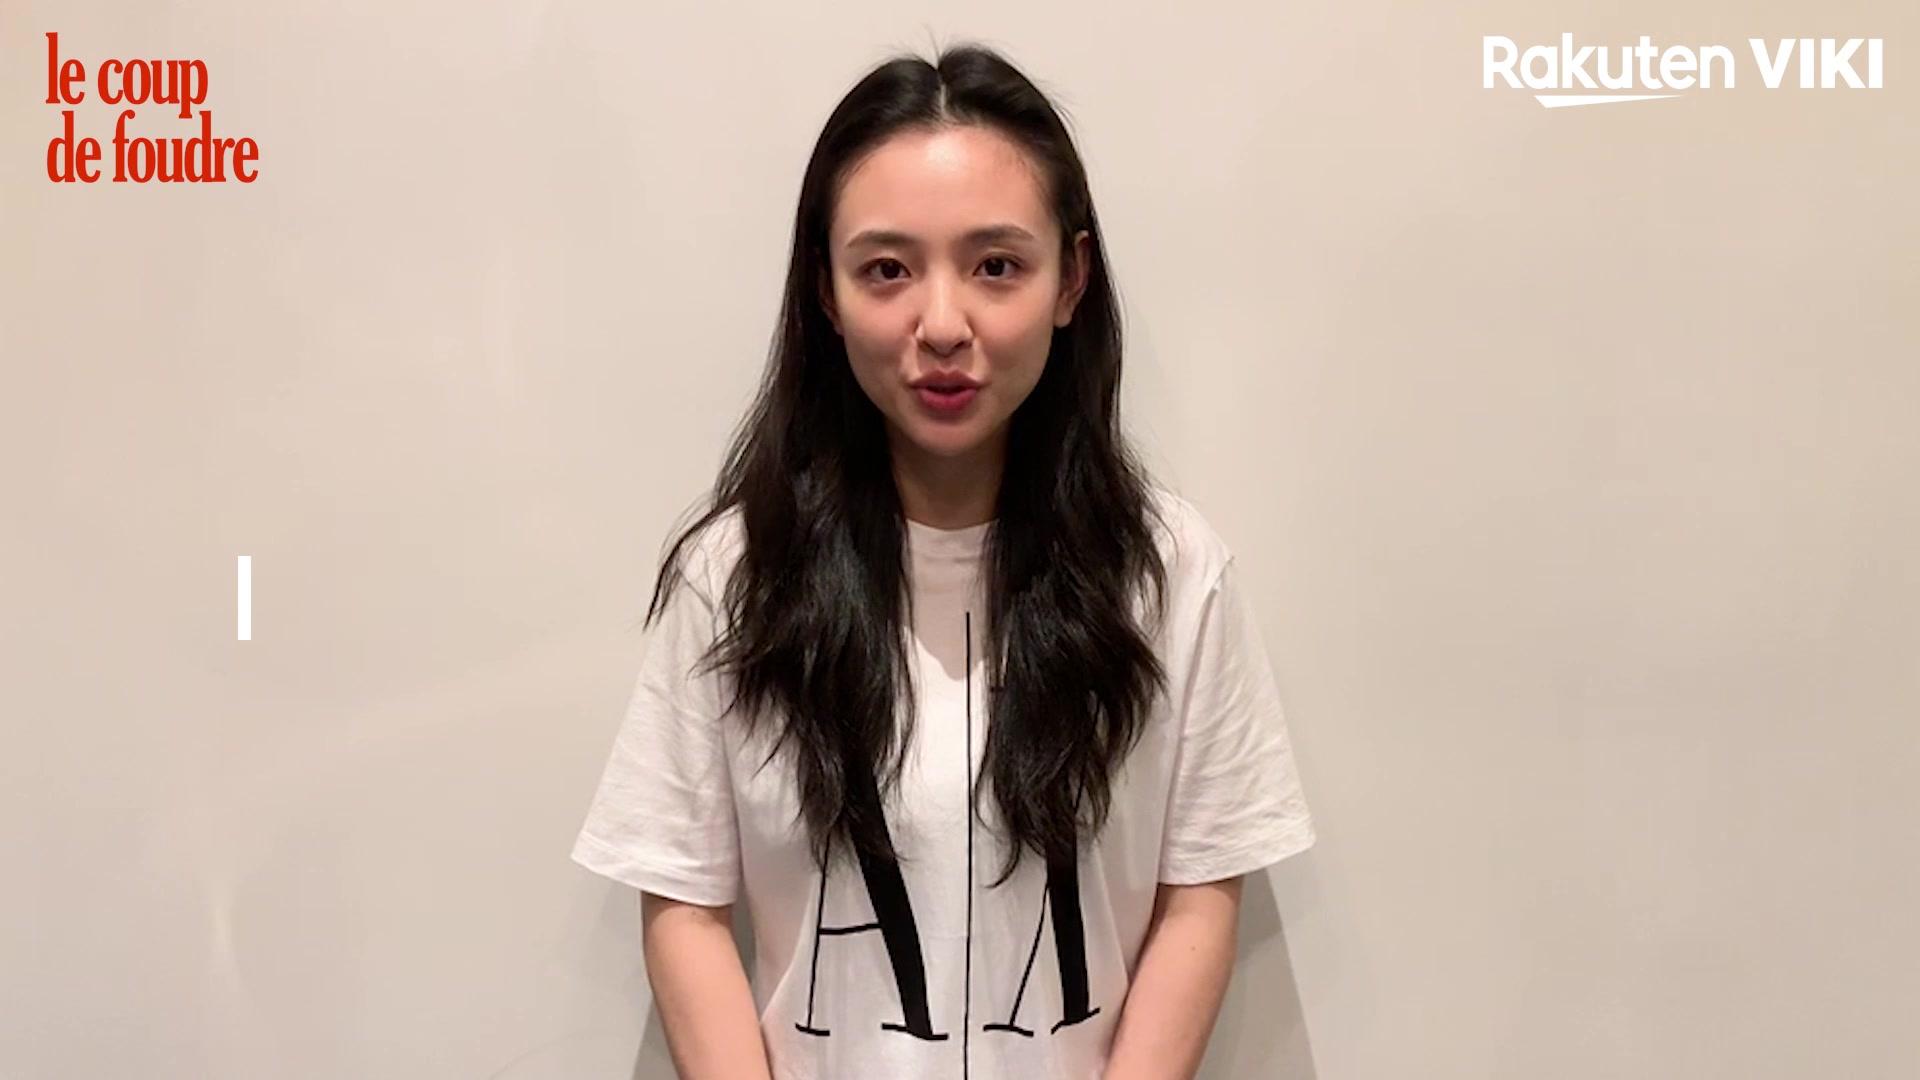 Wu Qian's Shoutout to Viki Fans: Le Coup de Foudre